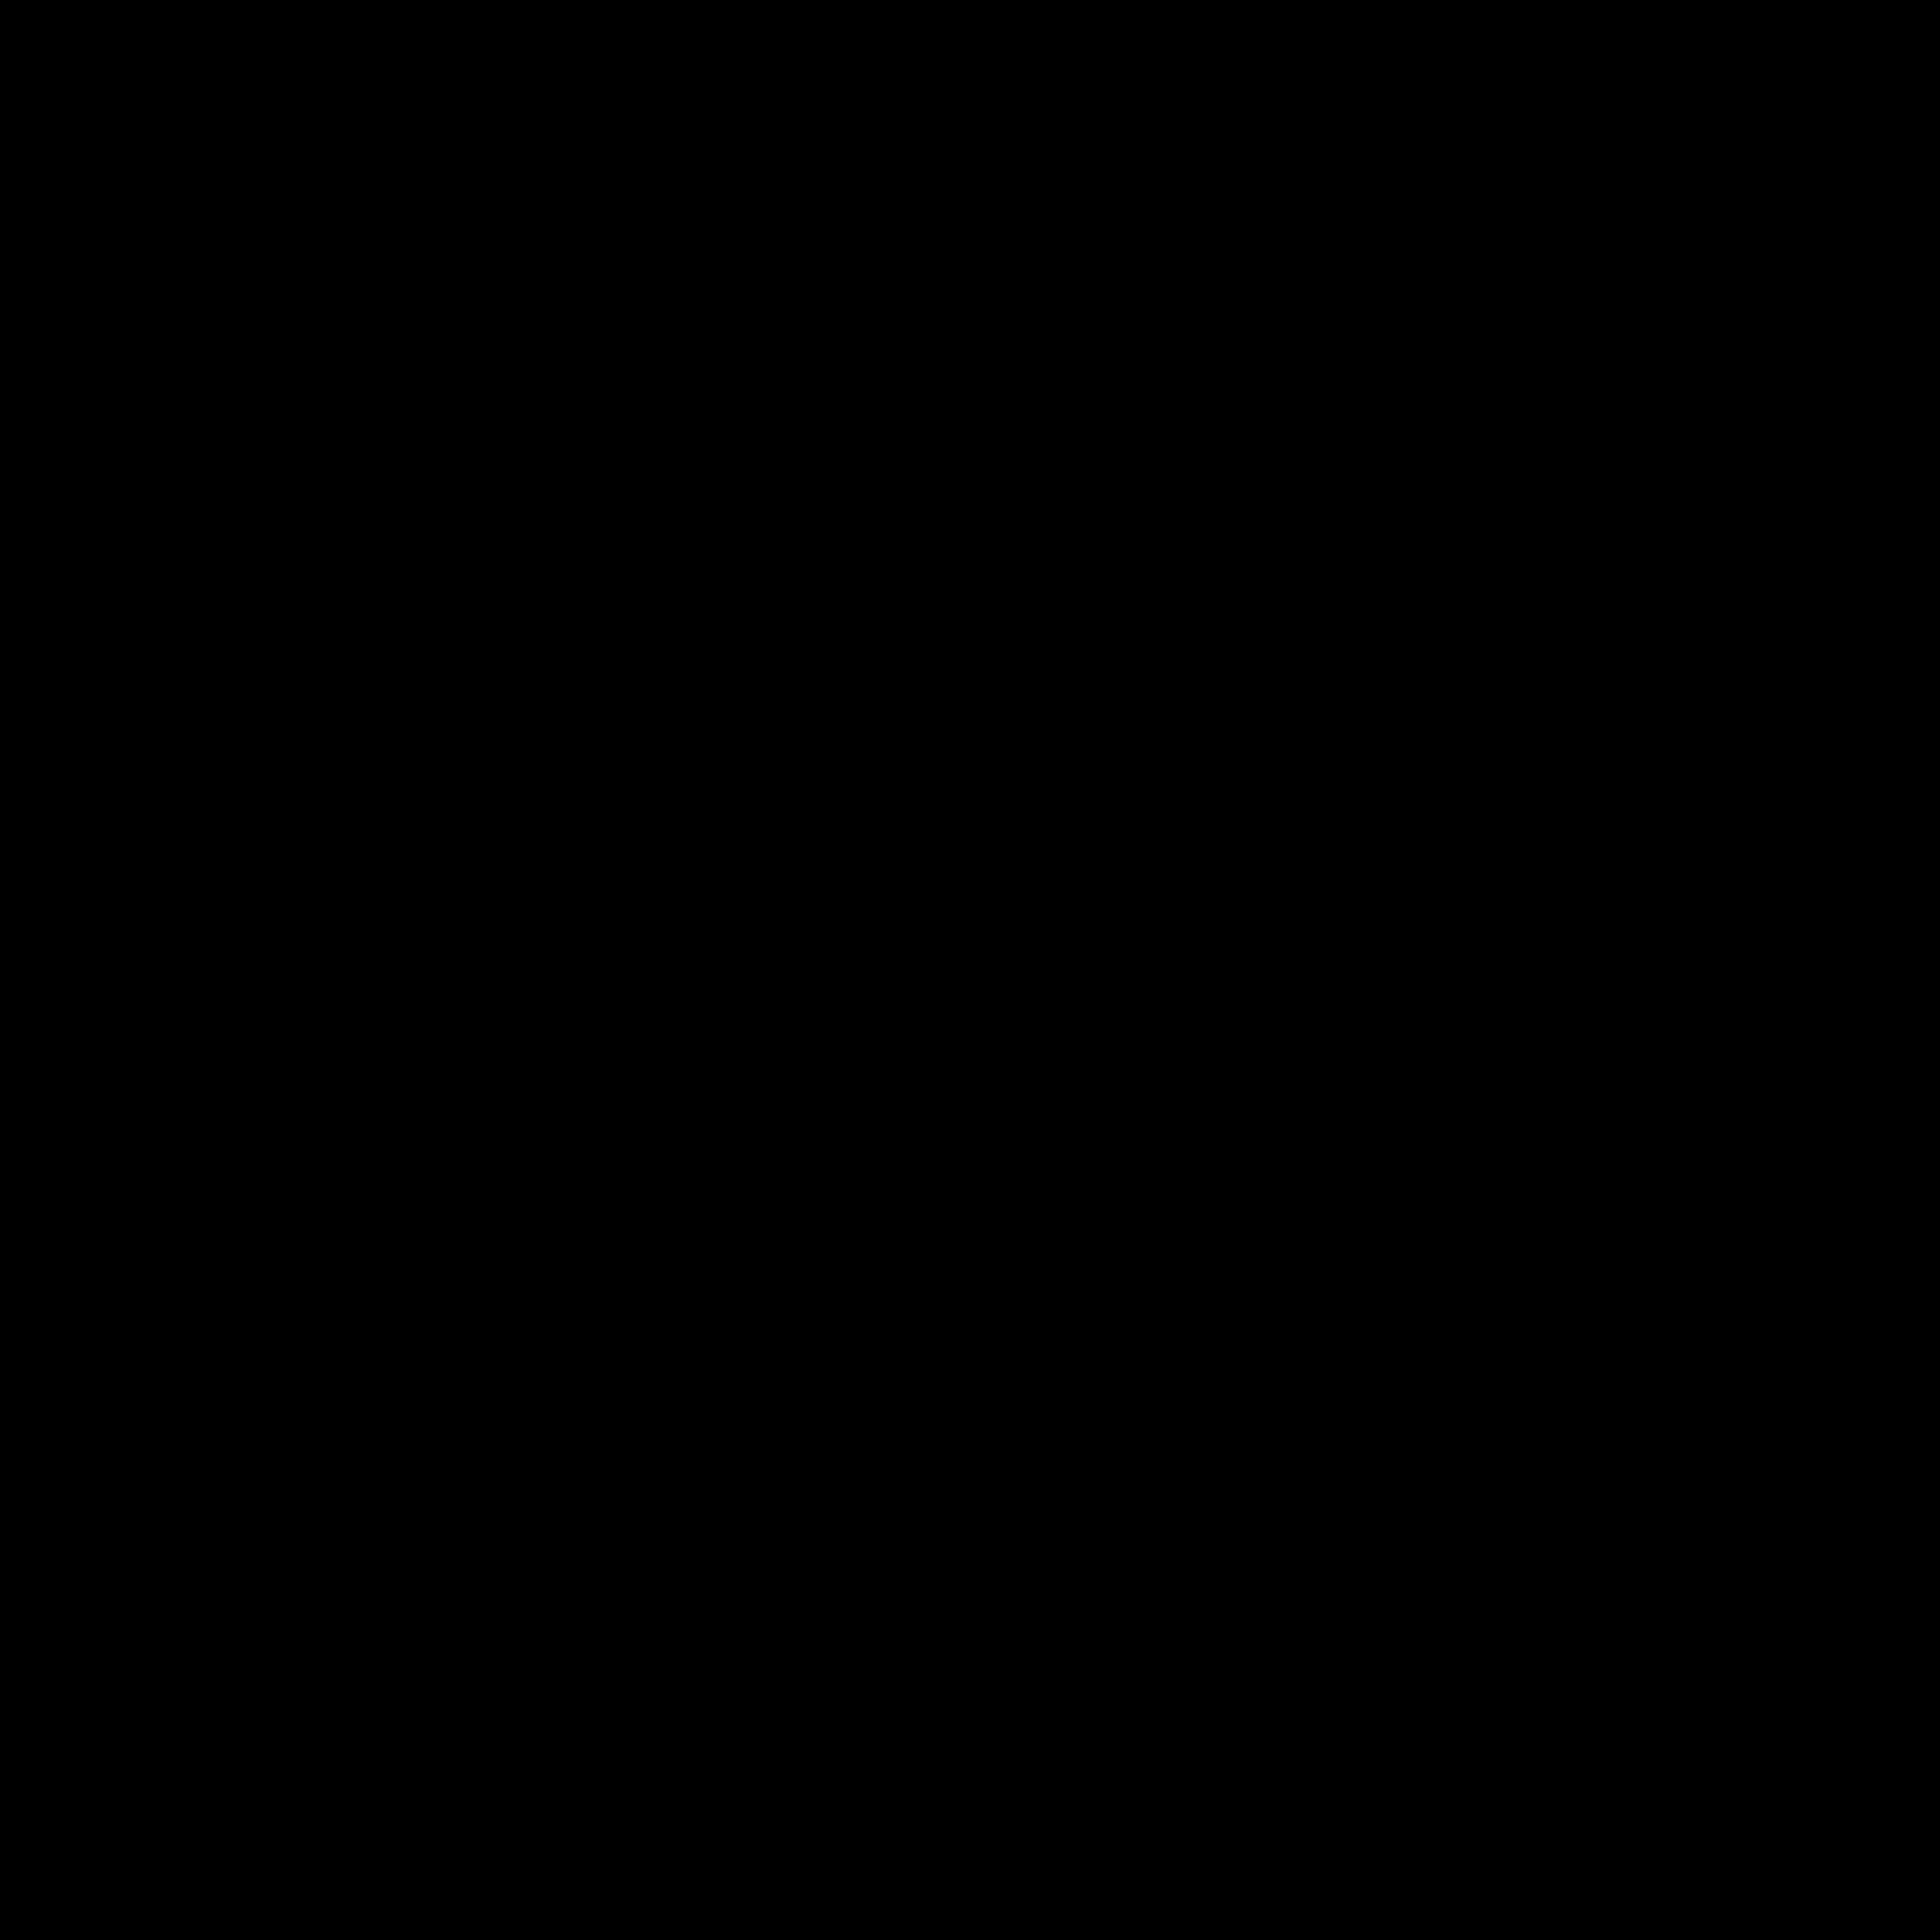 Perfly Badmintonracket BR 900 Ultra Lite S voor volwassenen roze kopen